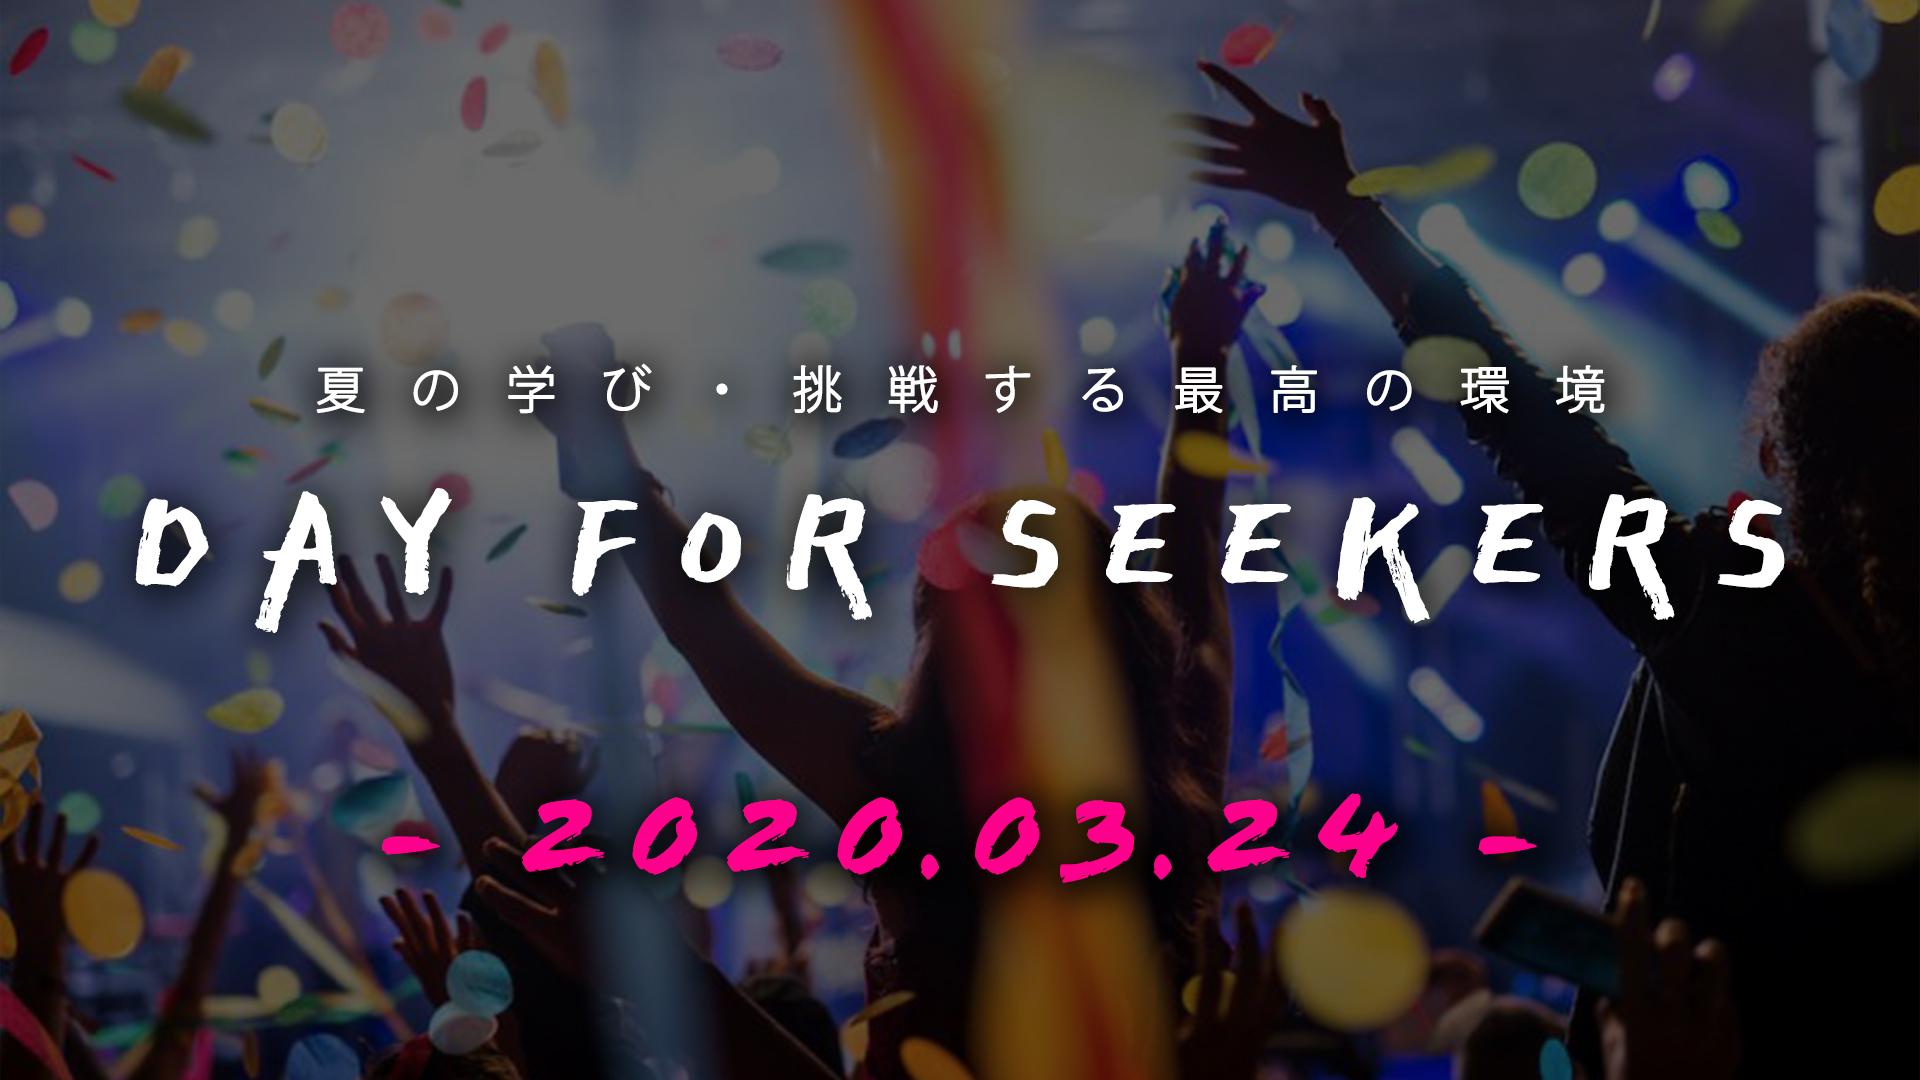 【サマープログラム一挙紹介イベント!】DAY FOR SEEKERS 2020